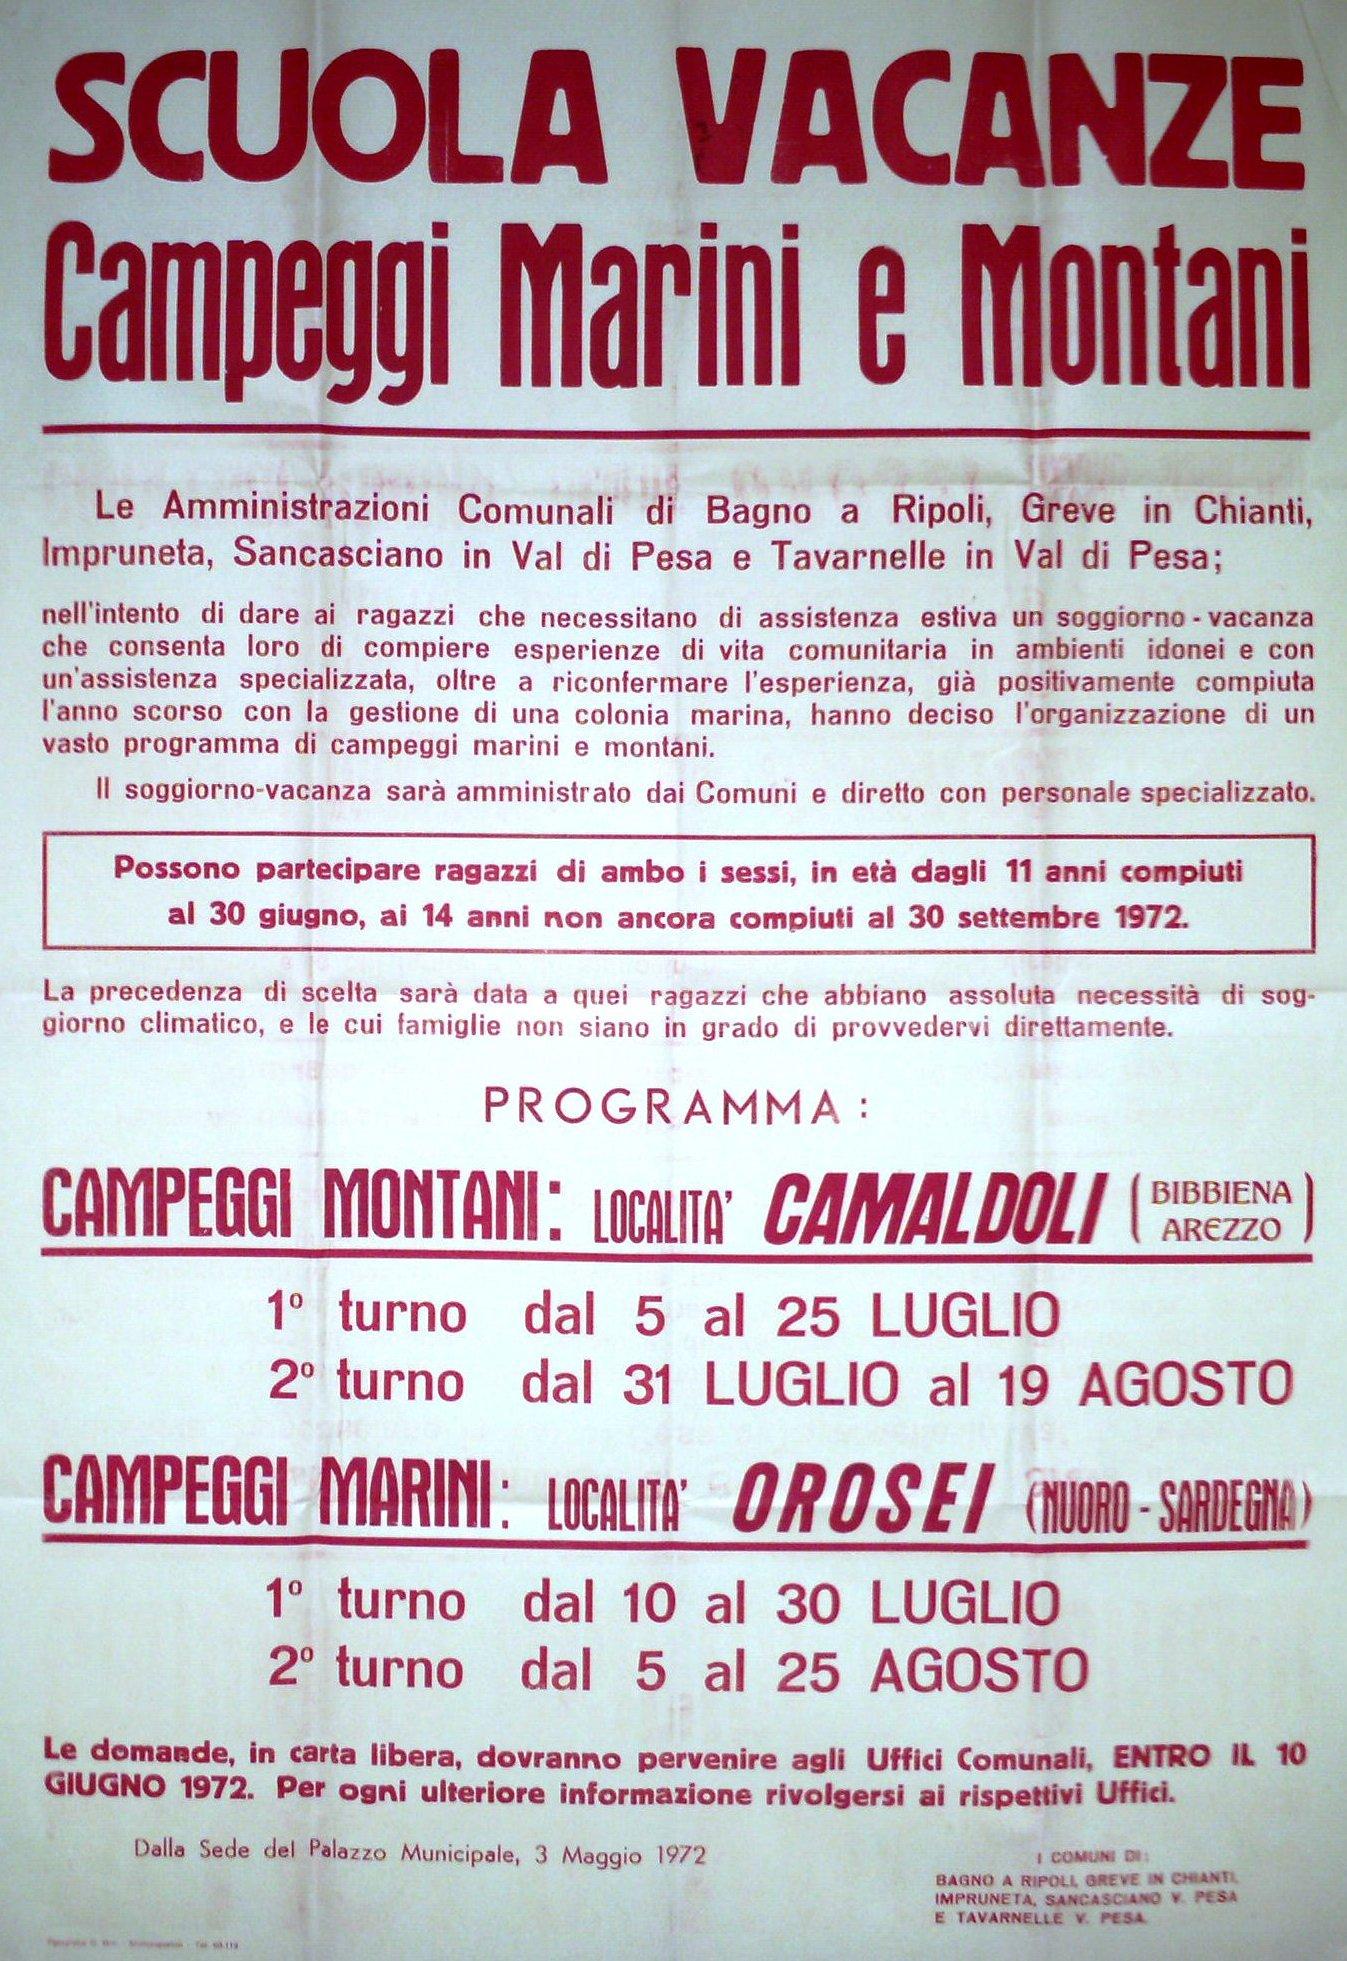 Manifesto e programma dei campeggi estivi del 1972